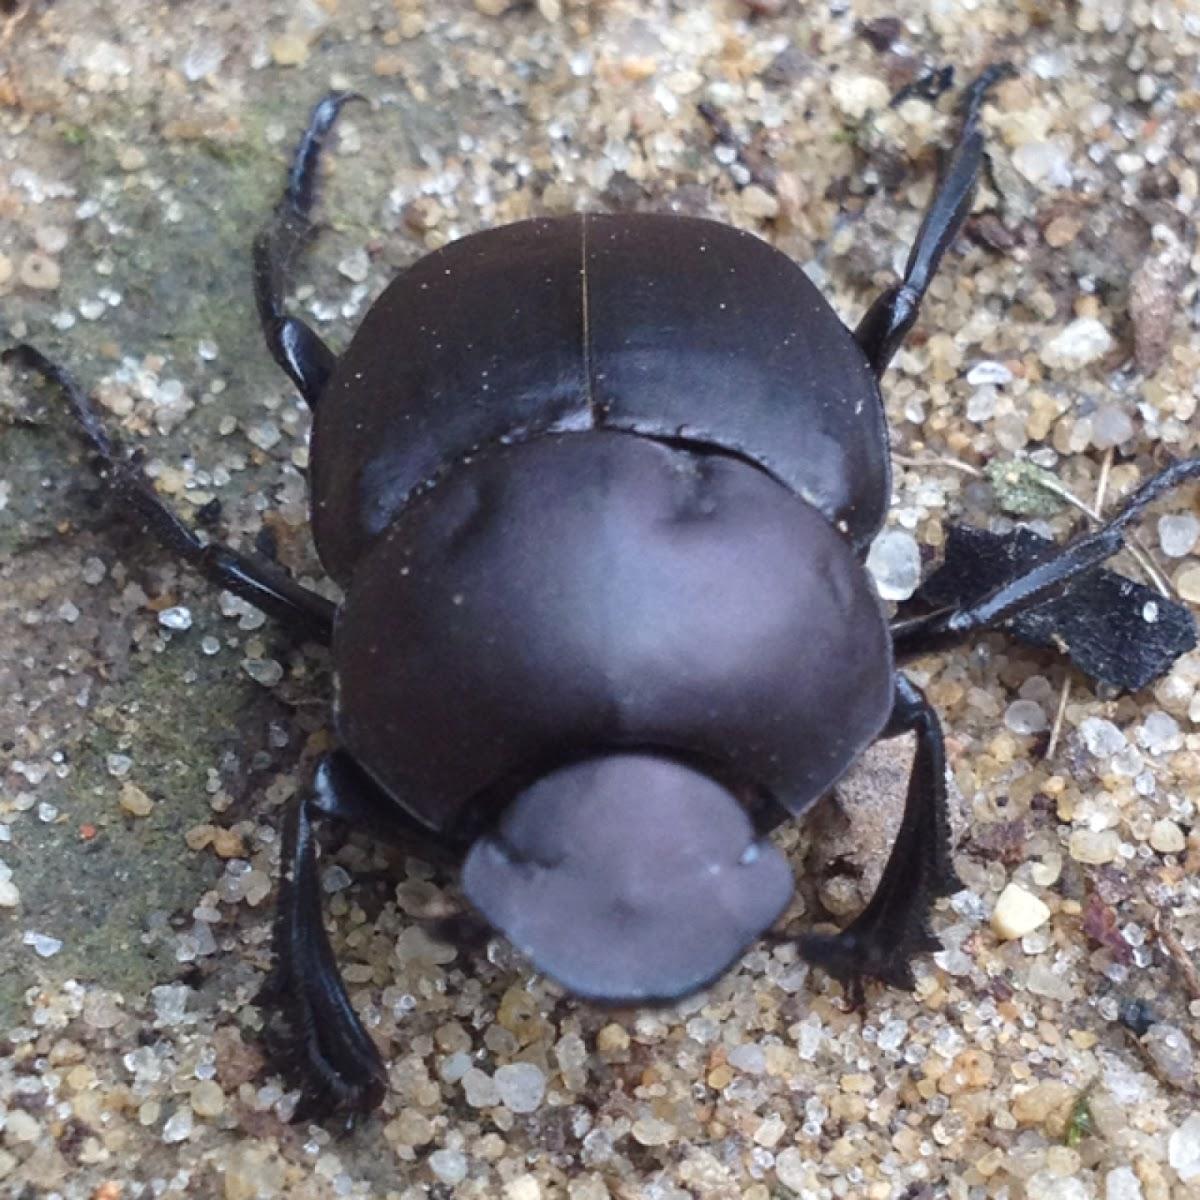 Tumblebug (dung beetle)